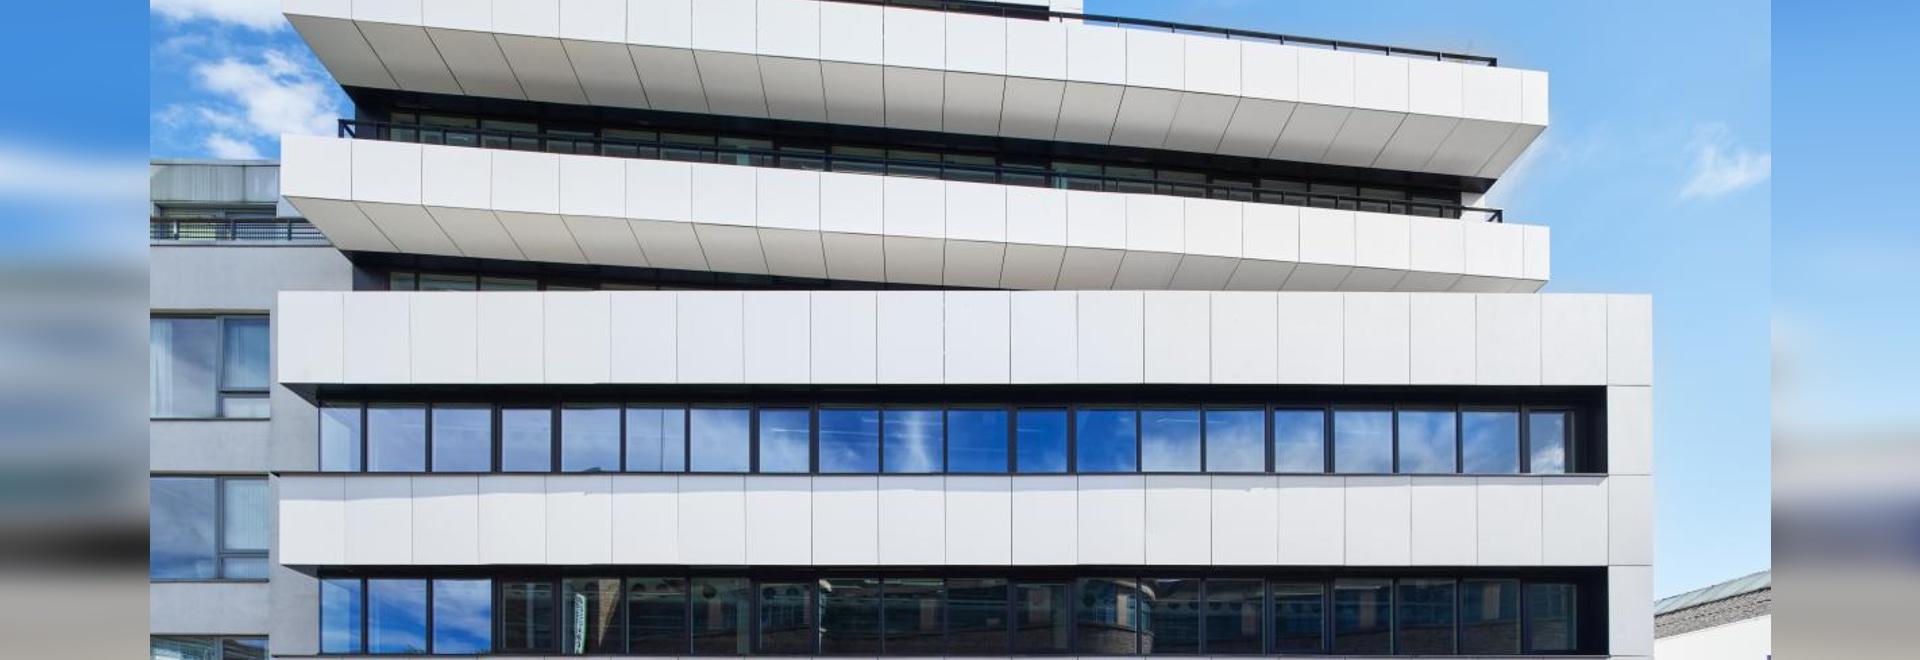 La nueva oficina de Waugh Thistleton en Londres es un ejemplo de bienestar..